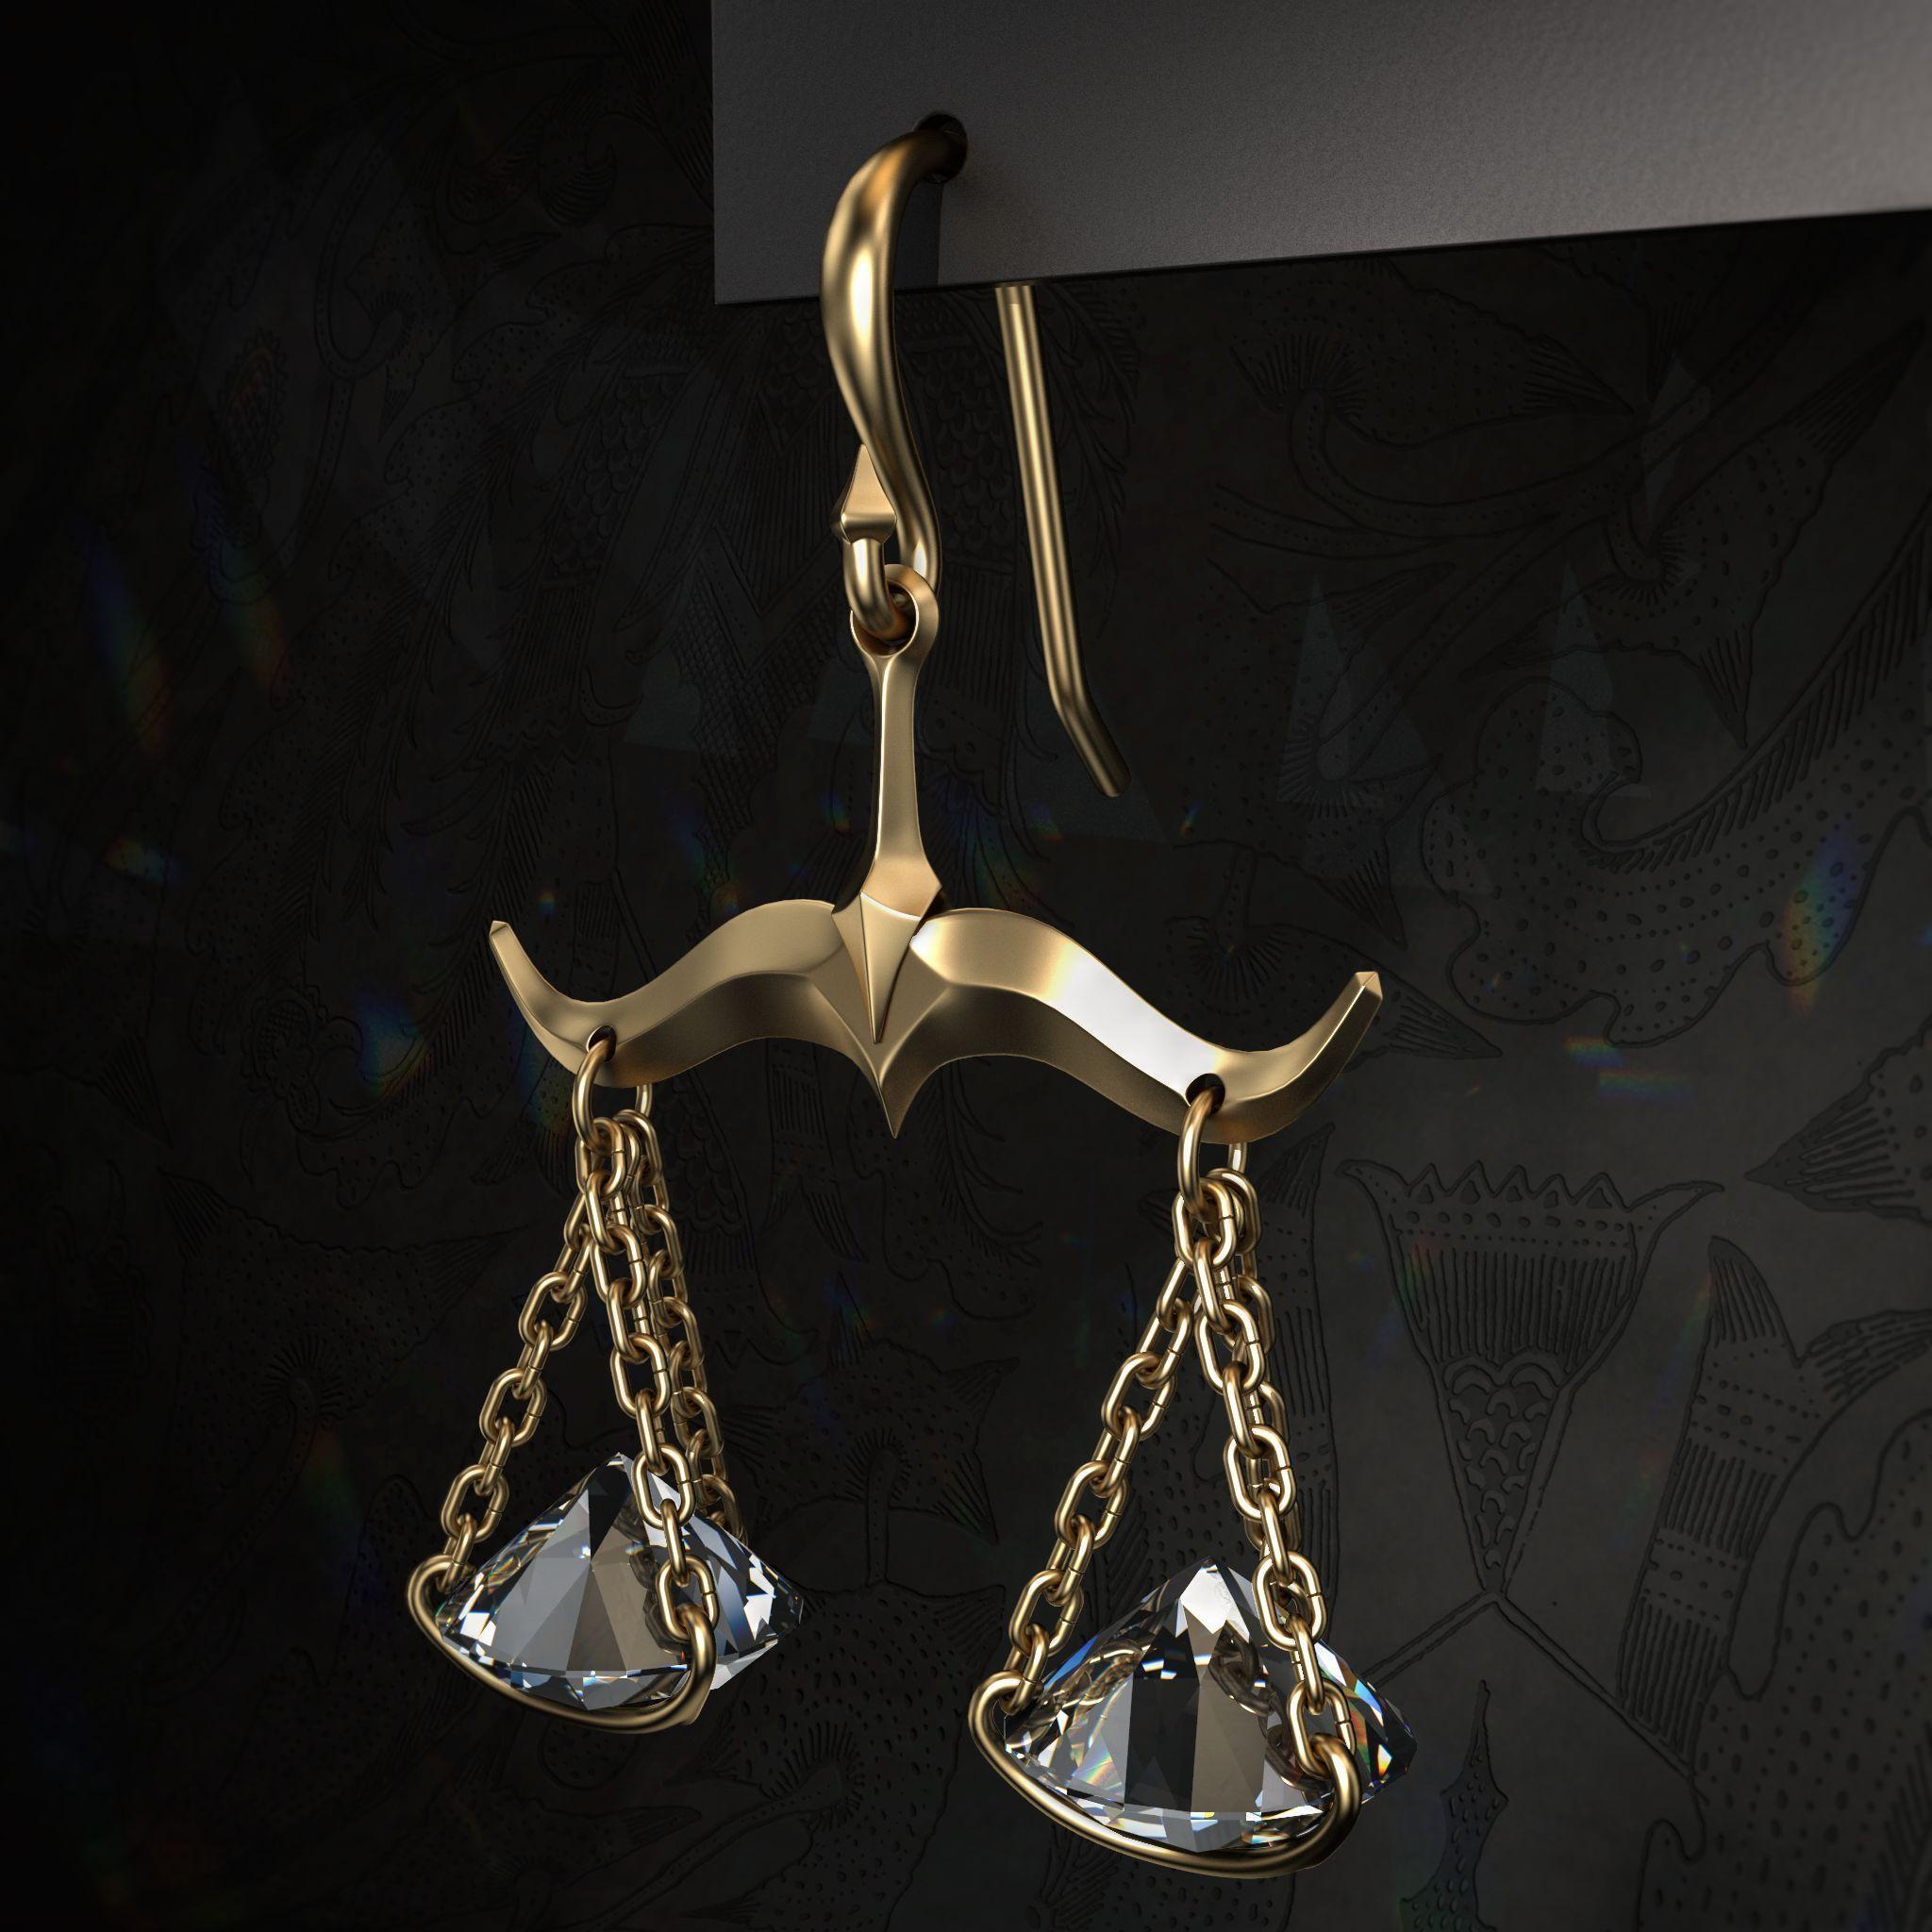 libra earrings 3d model 3d printable  obj  stl